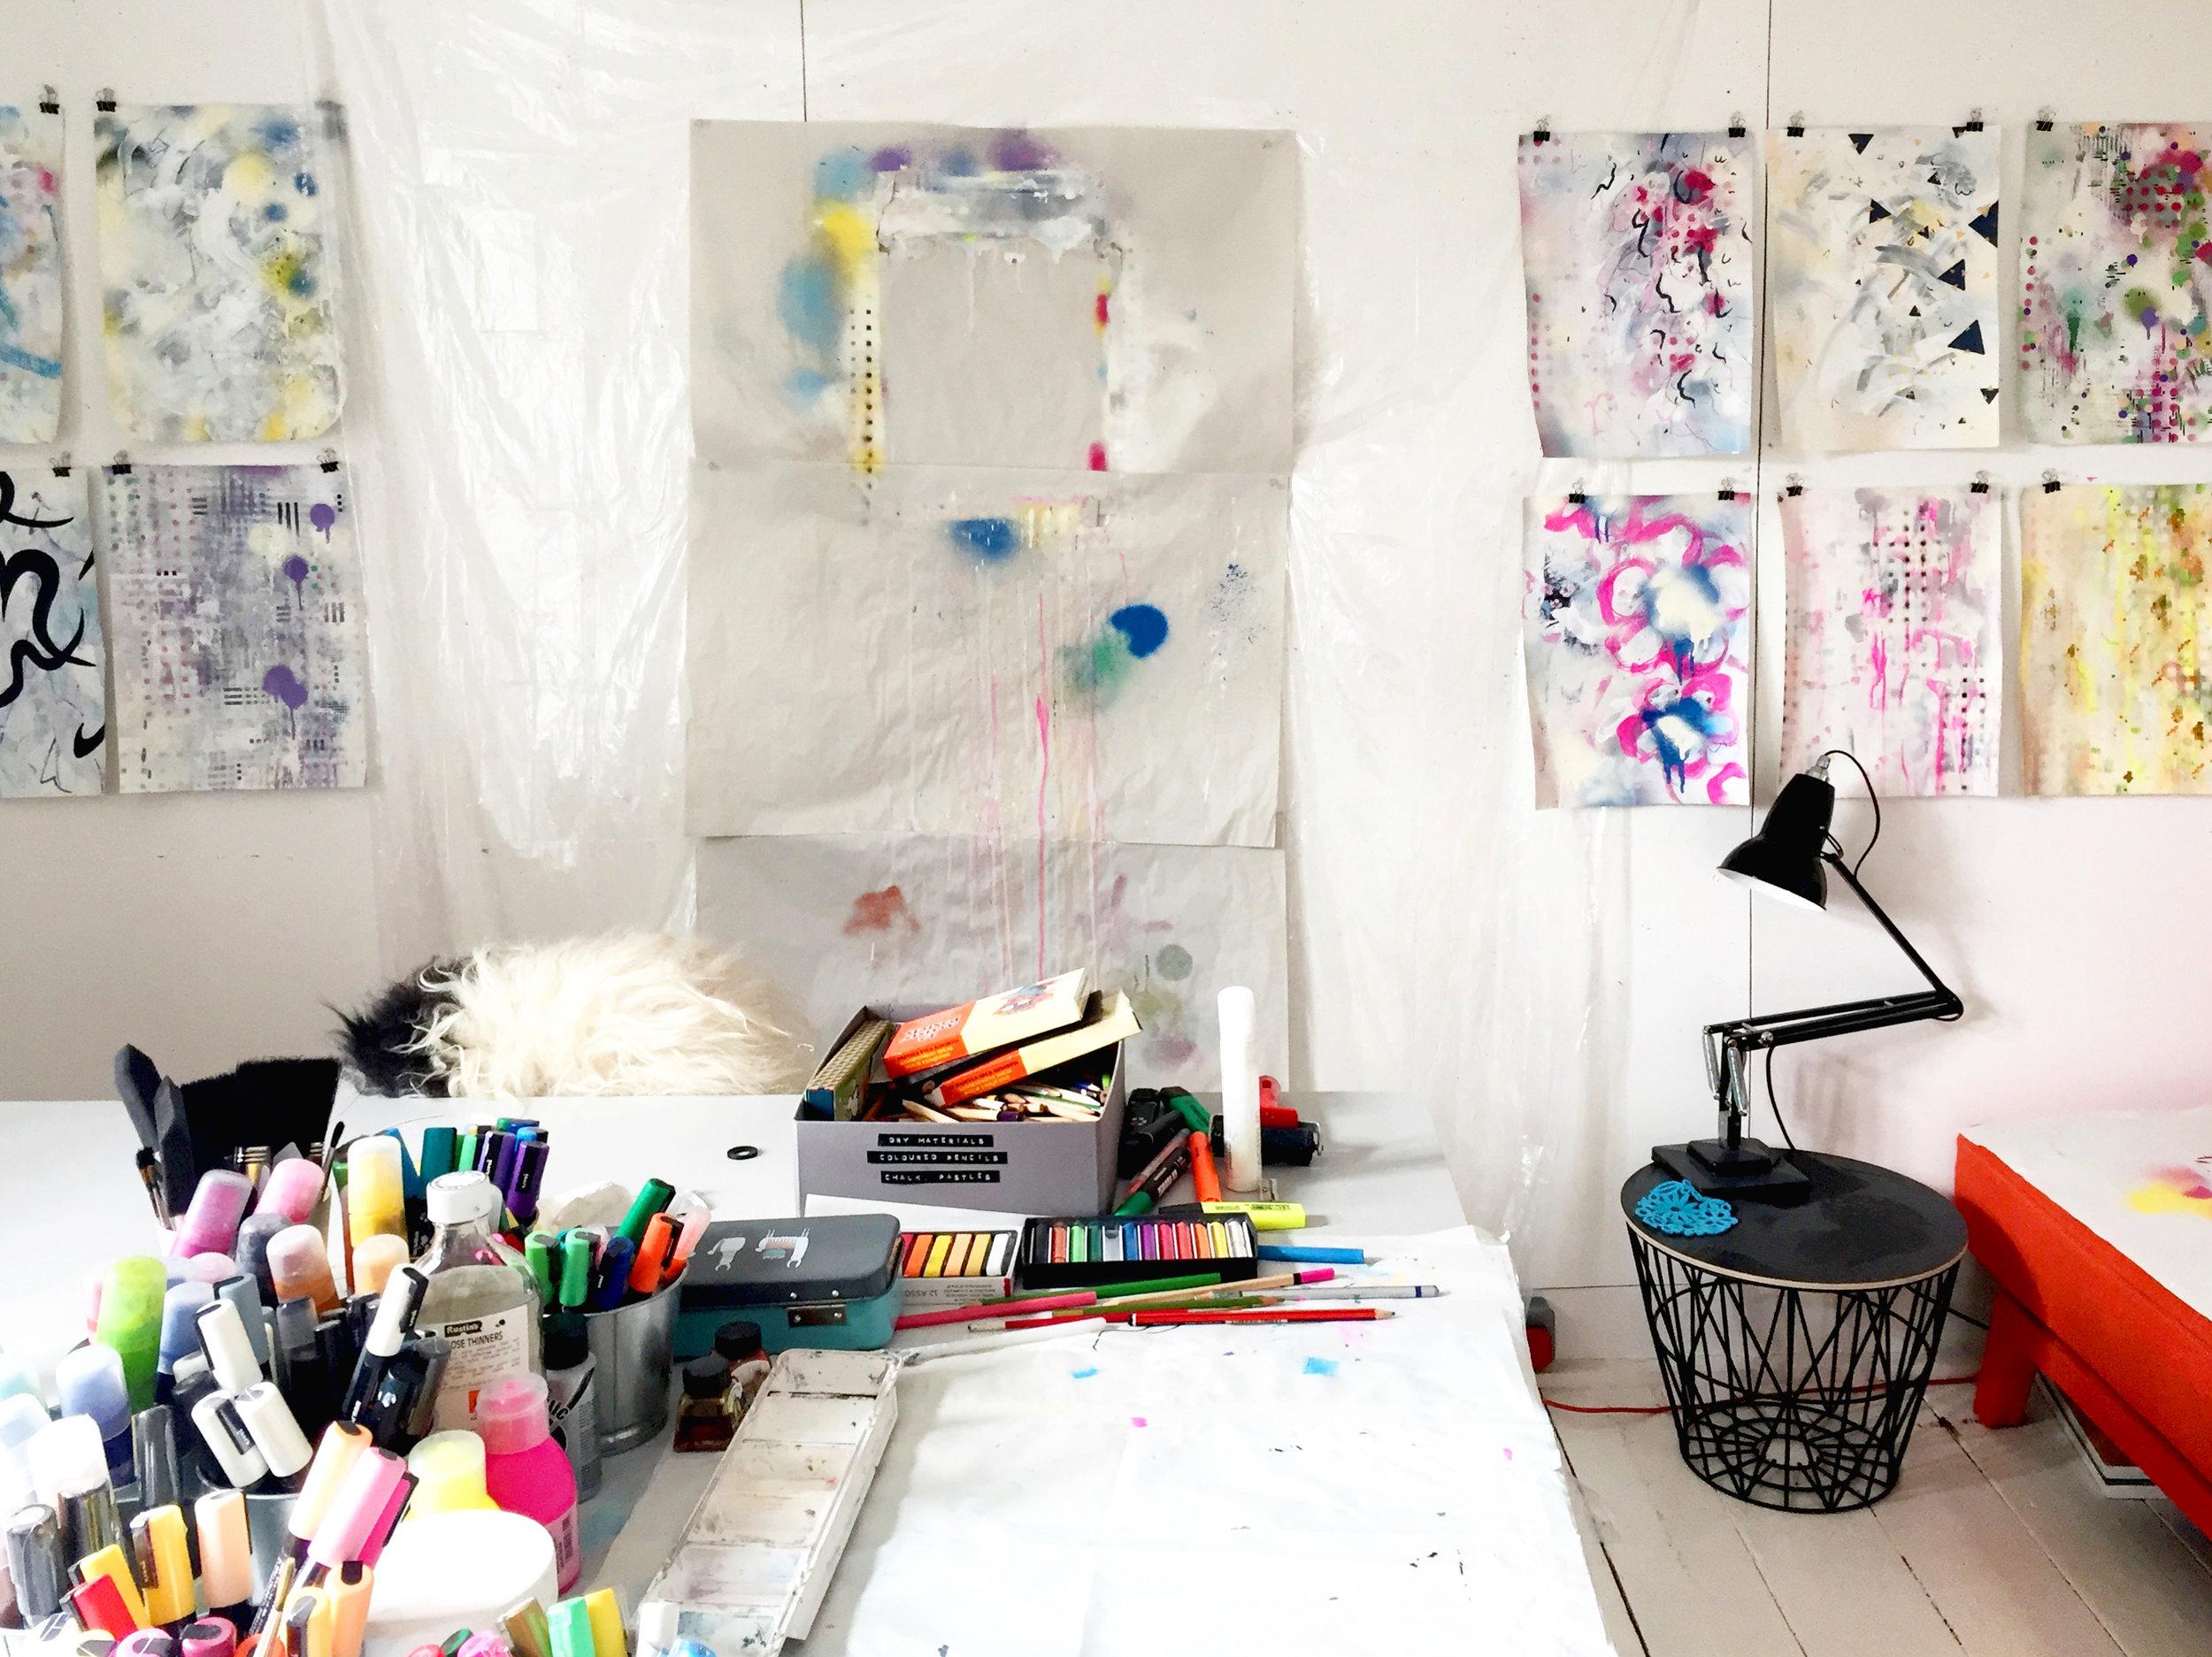 Studio scene showing a series in progress